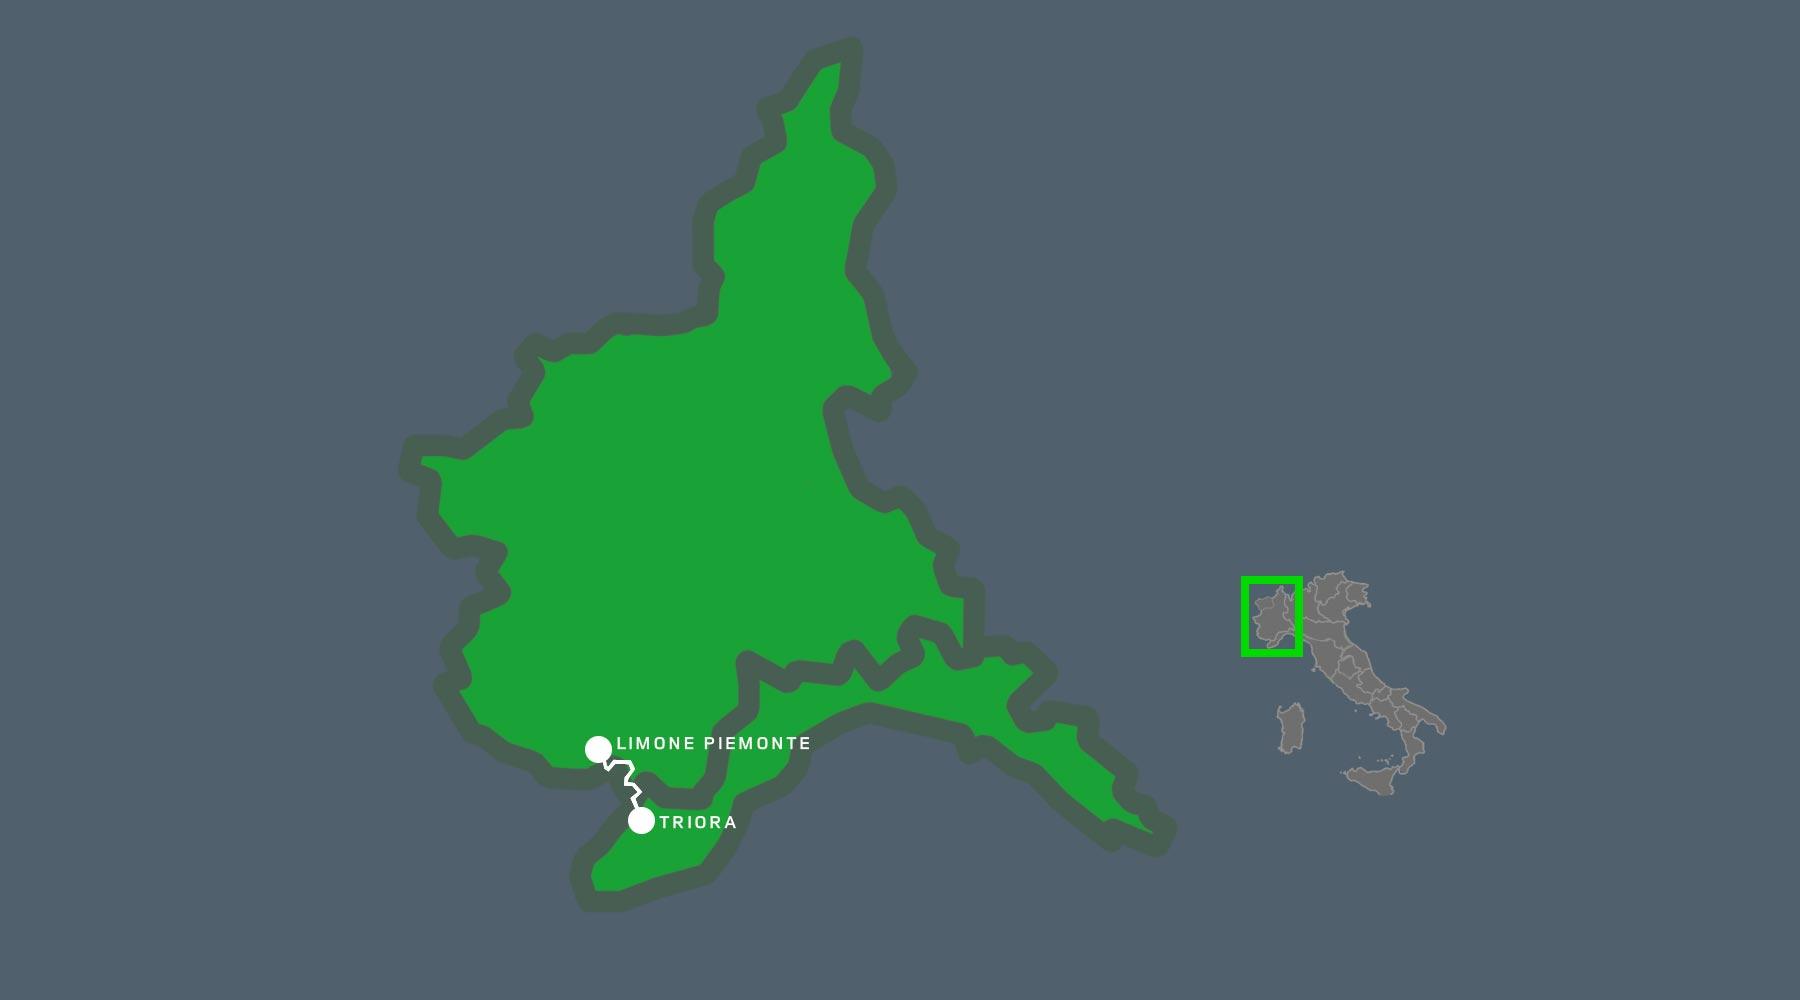 Mappa_LRD_via_del_sale_01